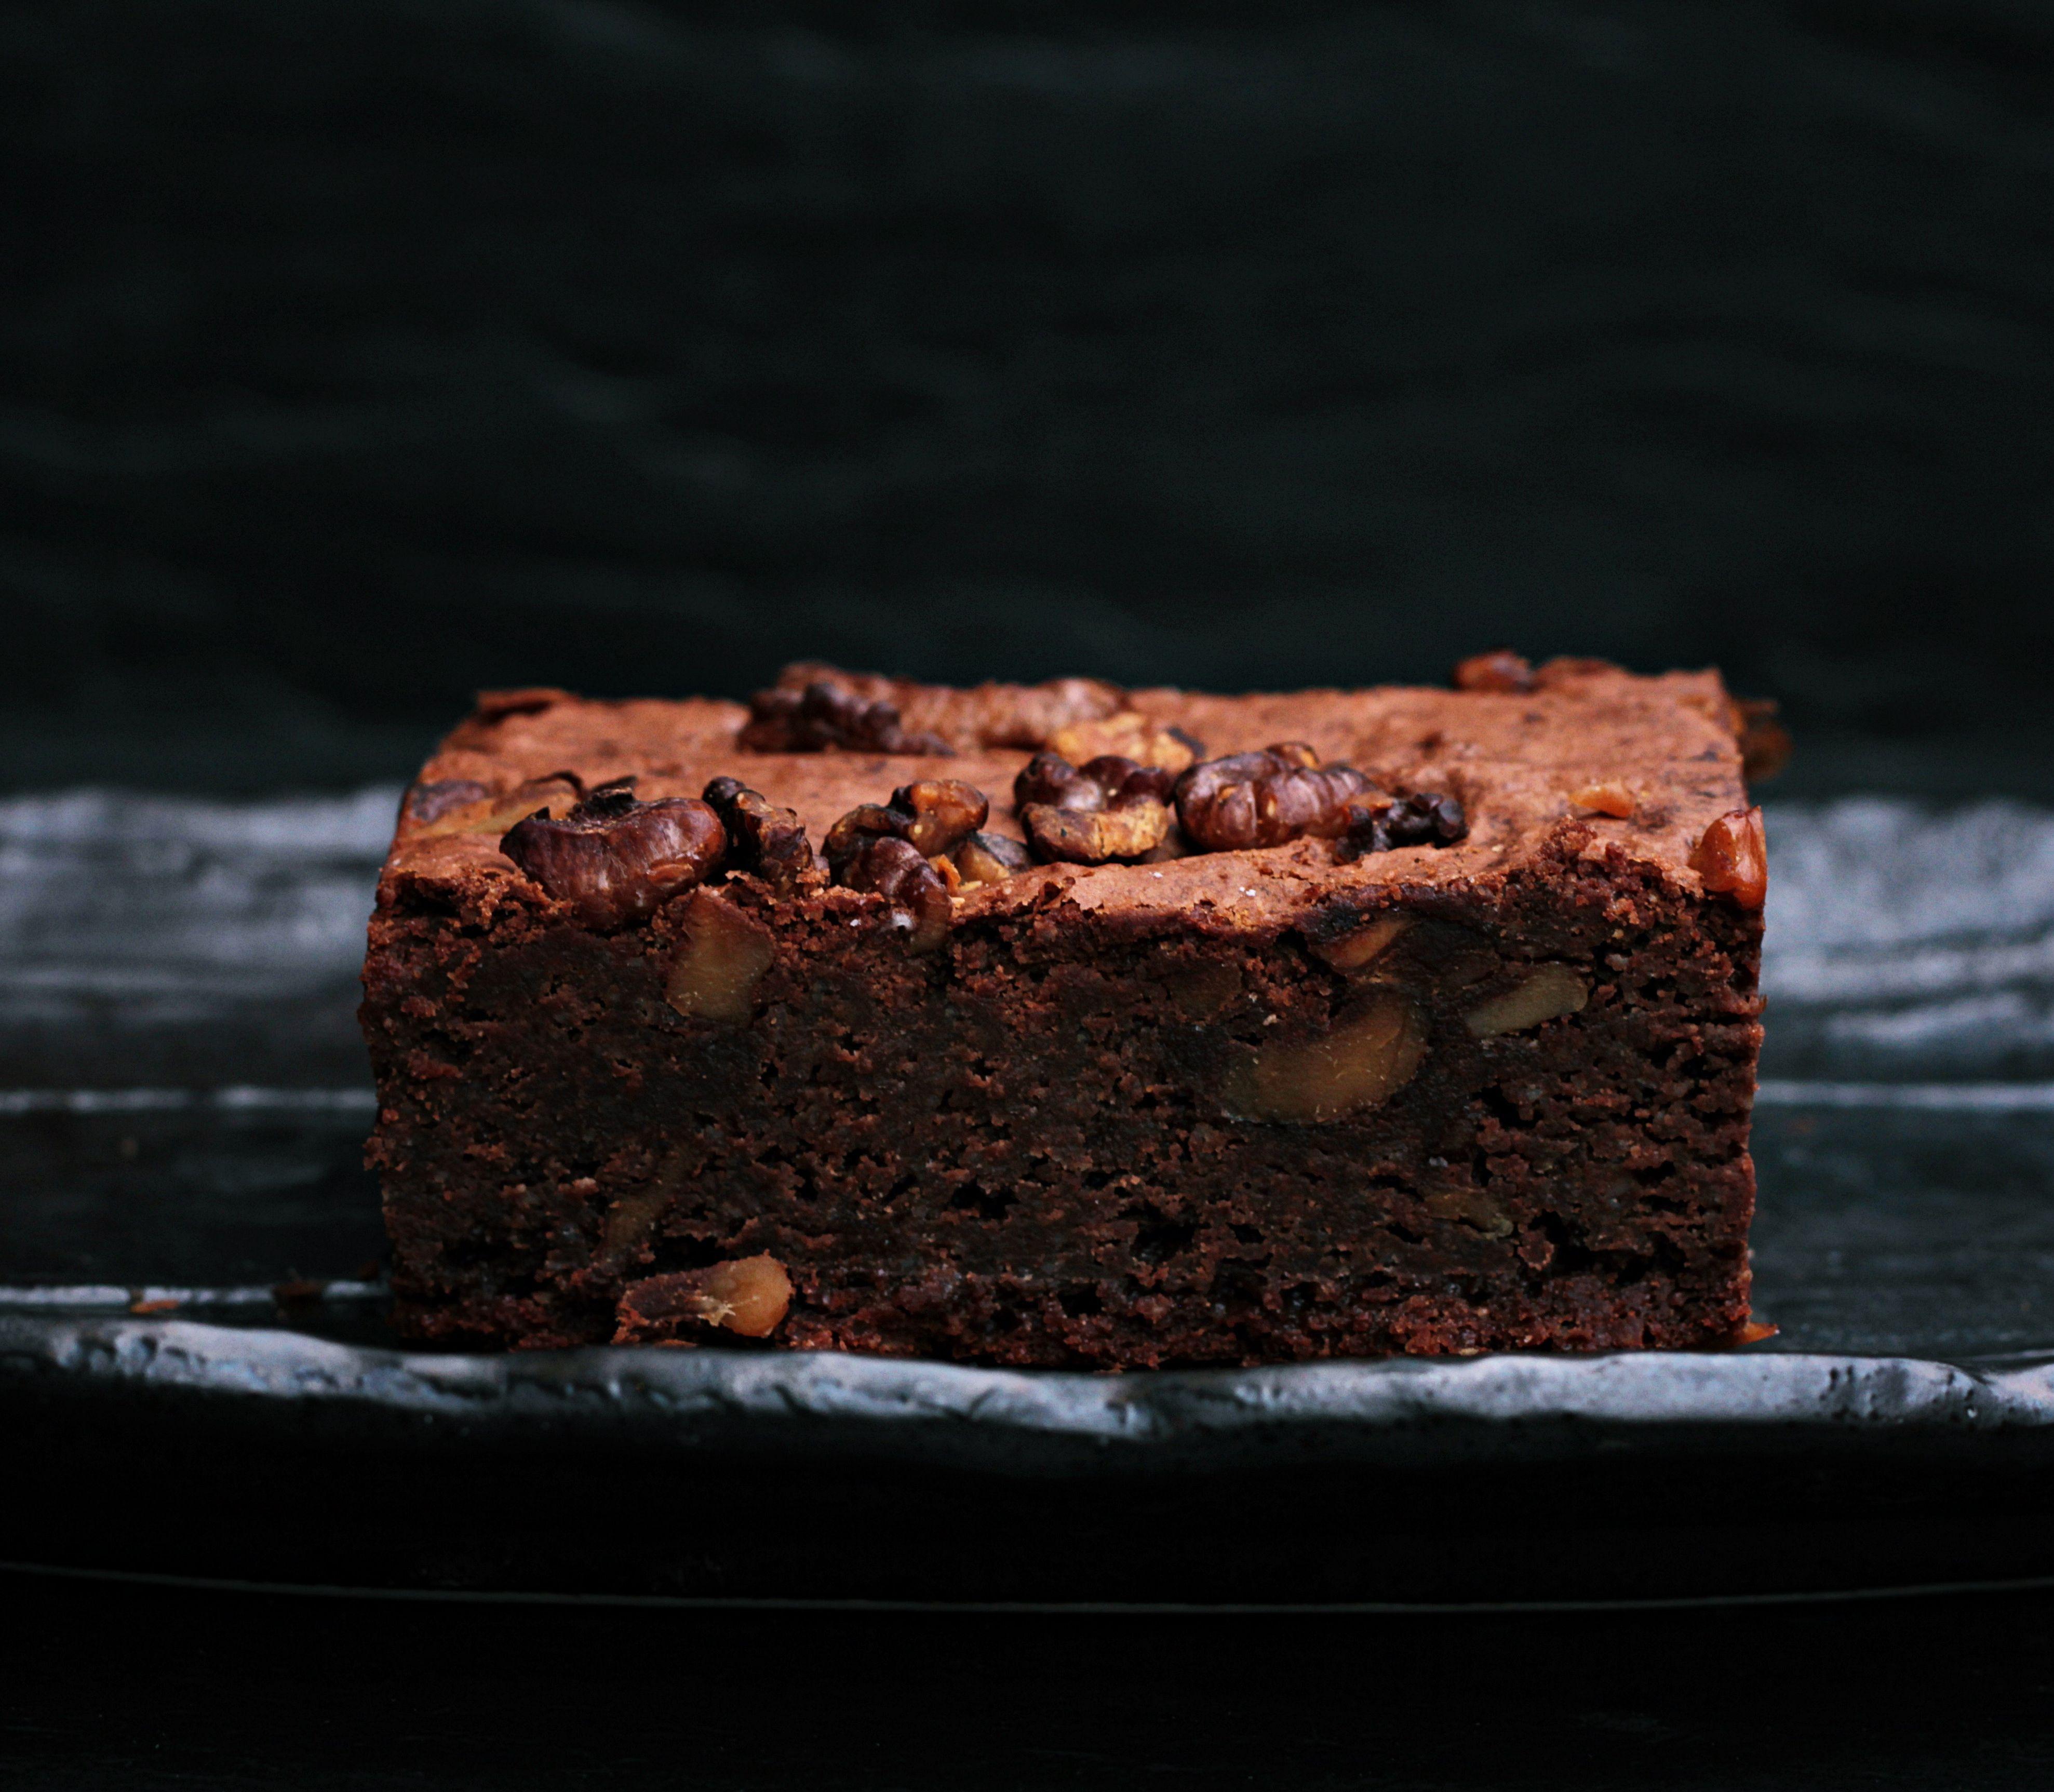 VIDEOTIP 5 ingrediencií a takmer žiadna práca: Vyskúšajte toto čokoládové brownie